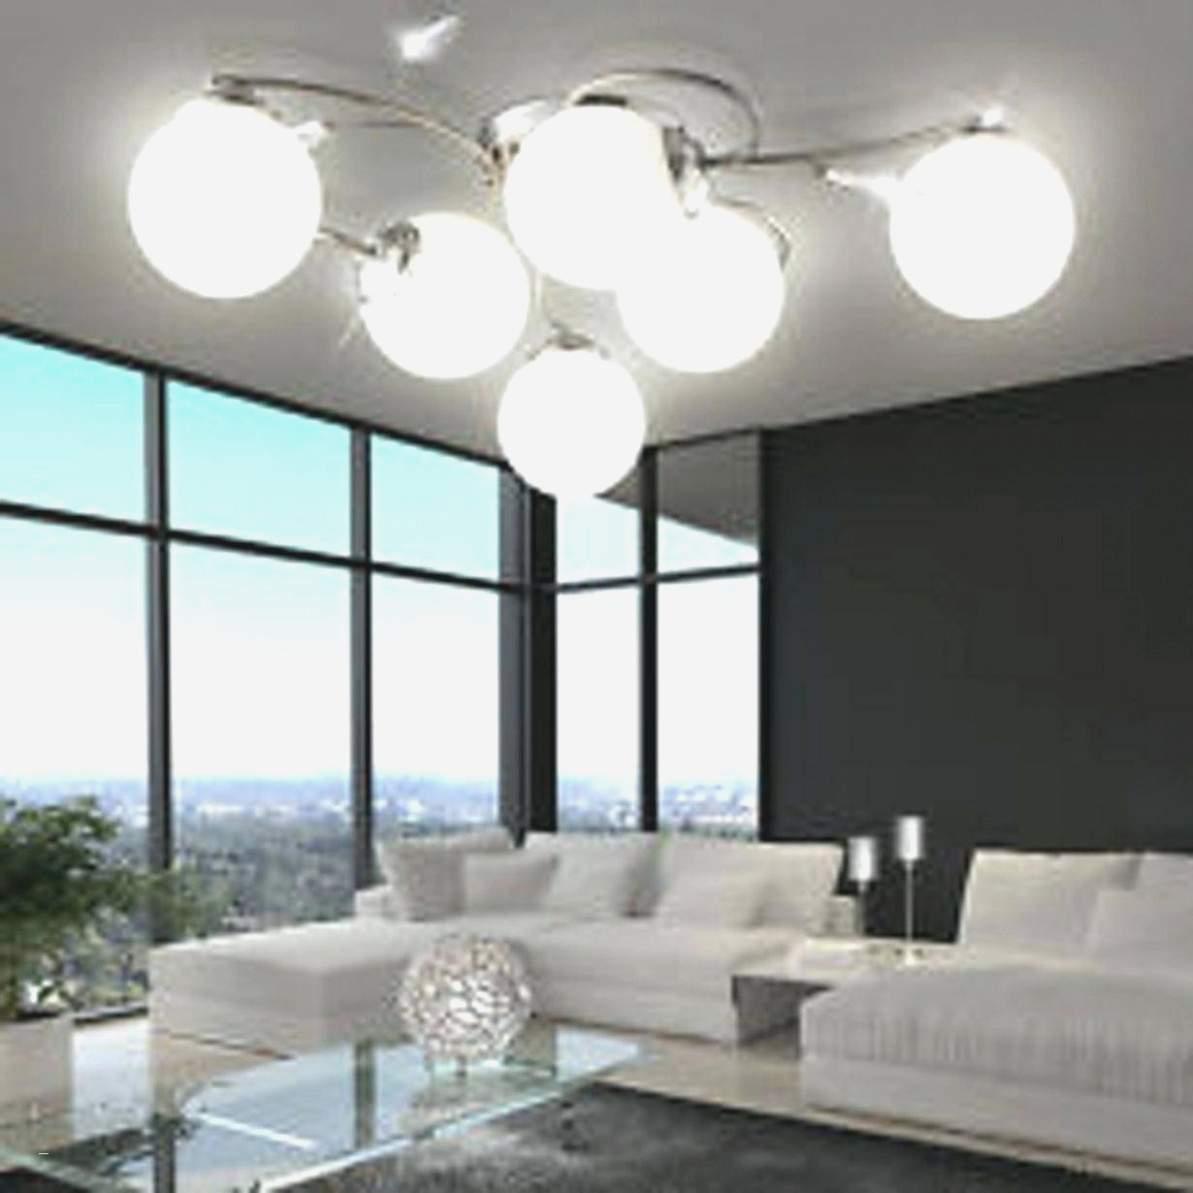 Full Size of Wohnzimmer Deckenleuchte Led Dimmbar Deckenleuchten Messing Modern Ikea Mit Fernbedienung Design Ideen Rollo Bilder Xxl Deckenstrahler Deckenlampen Fototapete Wohnzimmer Wohnzimmer Deckenleuchten